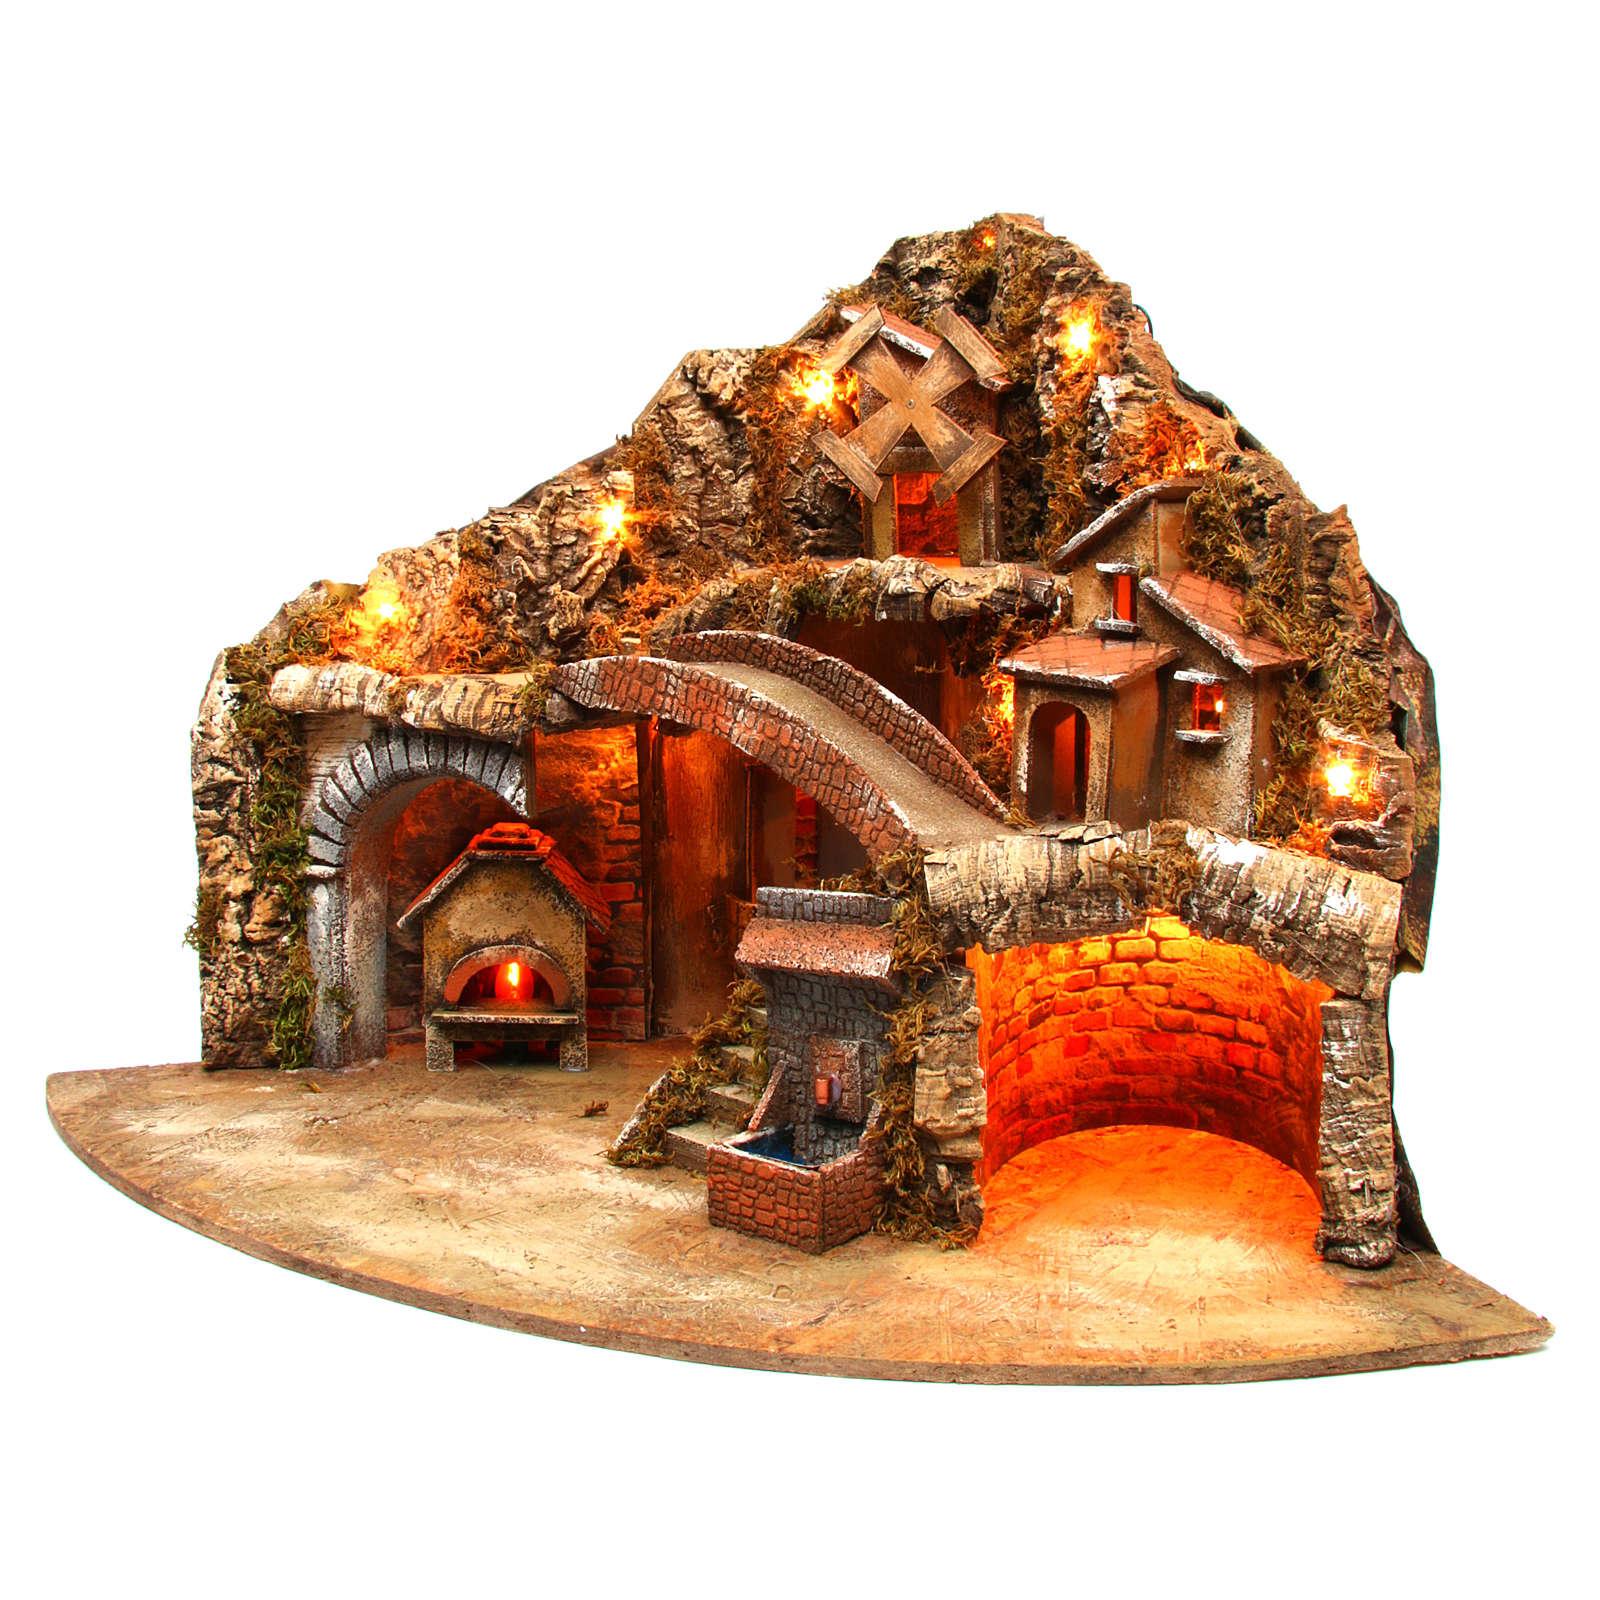 Village for Neapolitan Nativity scene 50x80x60 cm 4